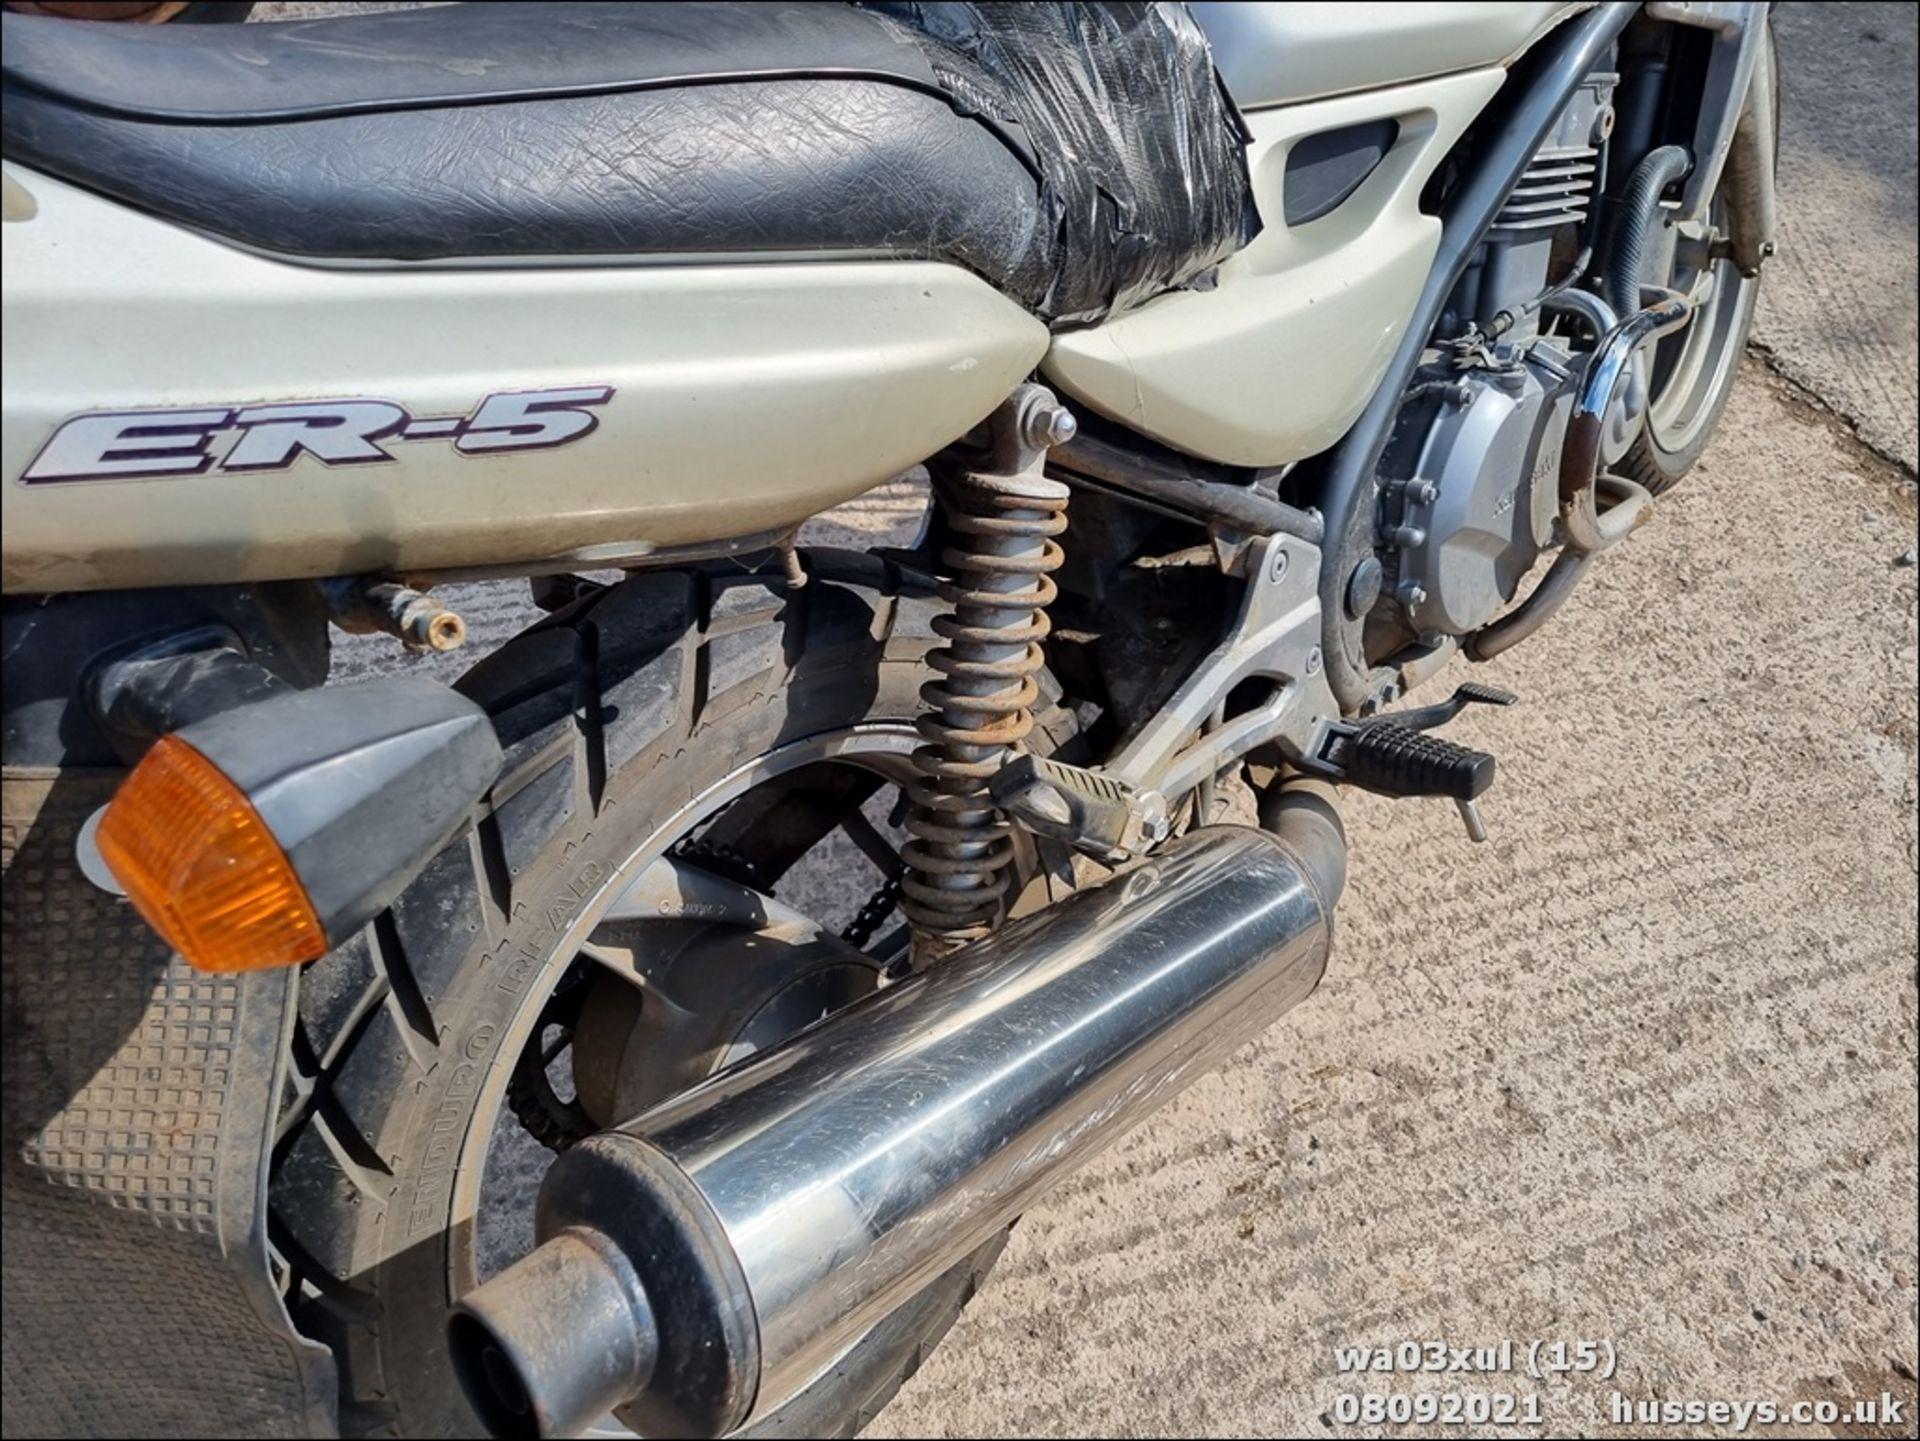 03/03 KAWASAKI ER500-C1 - 498cc Motorcycle (Gold) - Image 15 of 16